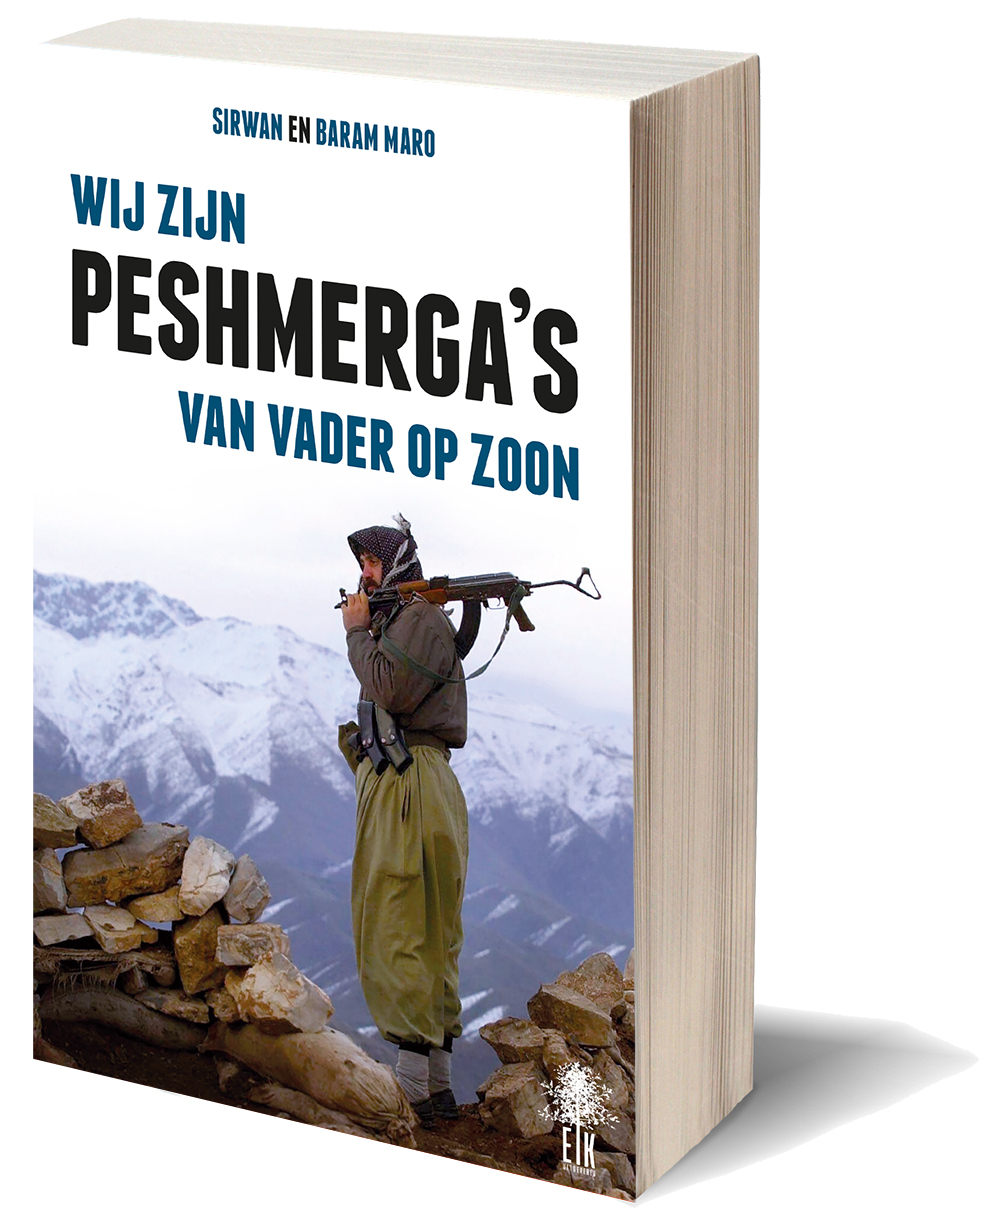 Wij zijn Peshmerga's van vader op zoon